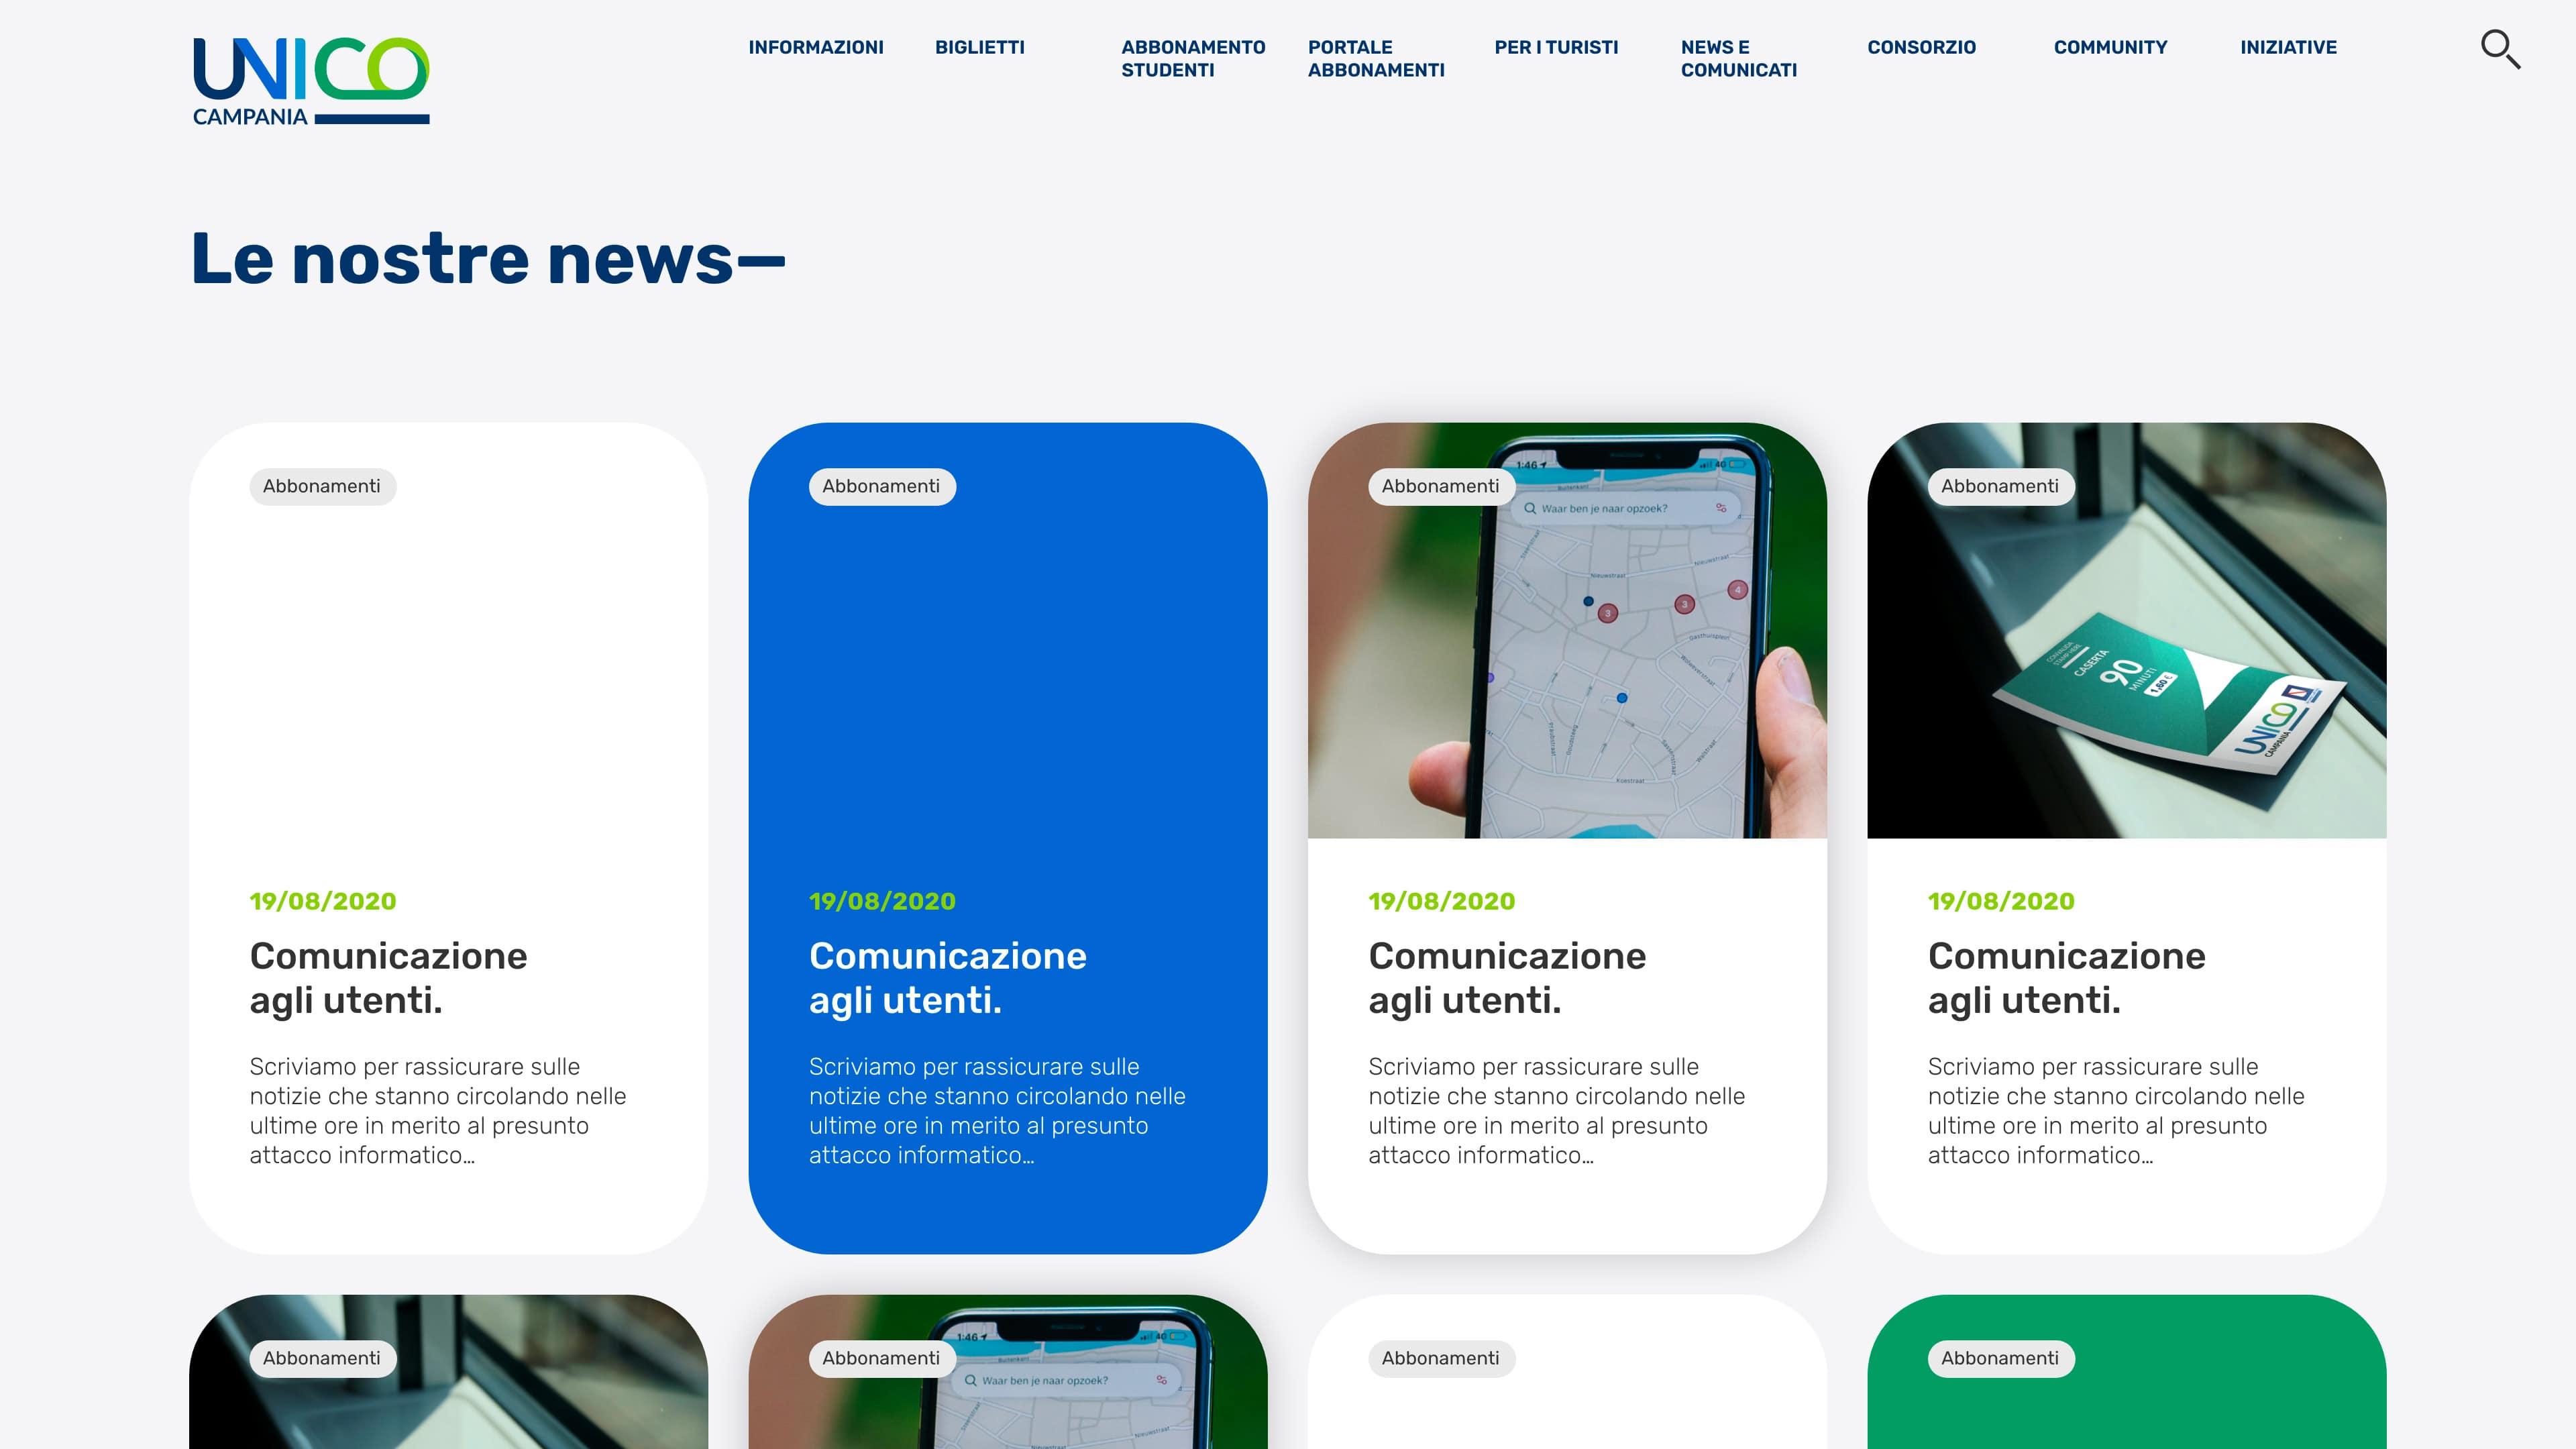 UnicoCampania-News-Sito-web6@2x-min